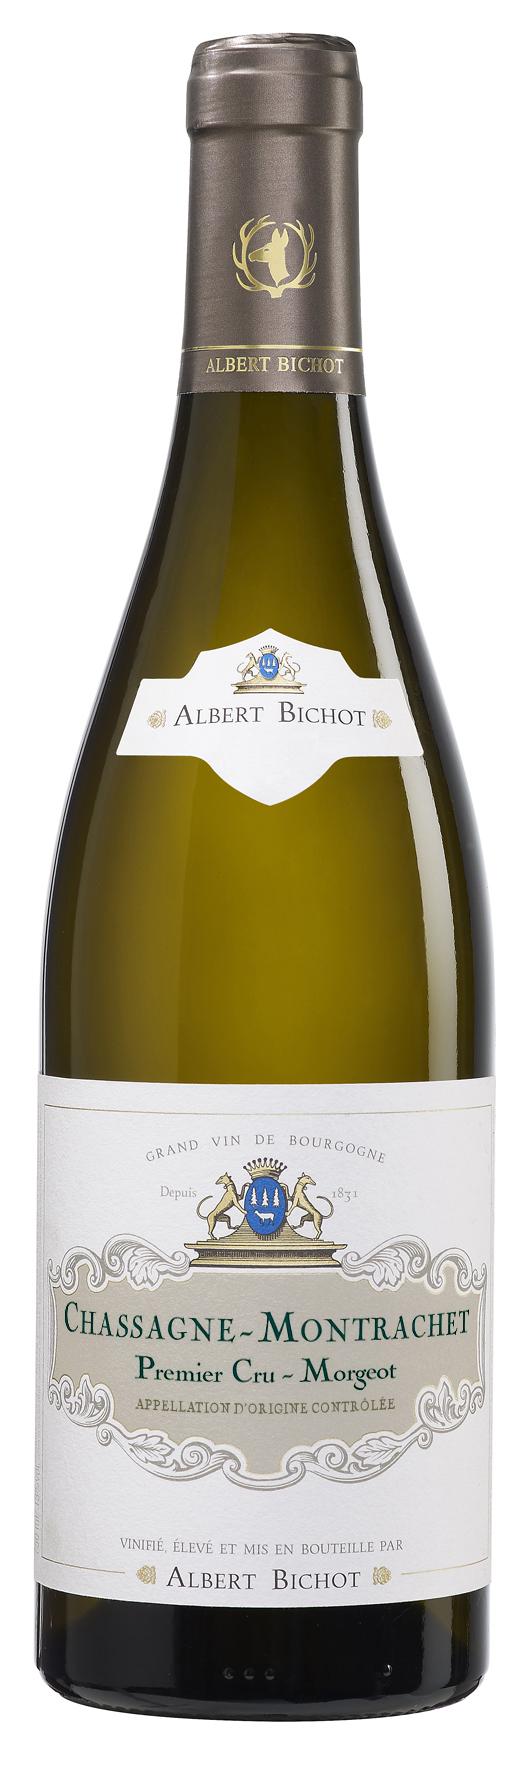 Vino_Chassagne_Montrachet_Premier_Cru_Morgeot_rr_selection_spletna_trgovina_s_pijaco_slovenija_vino.jpg